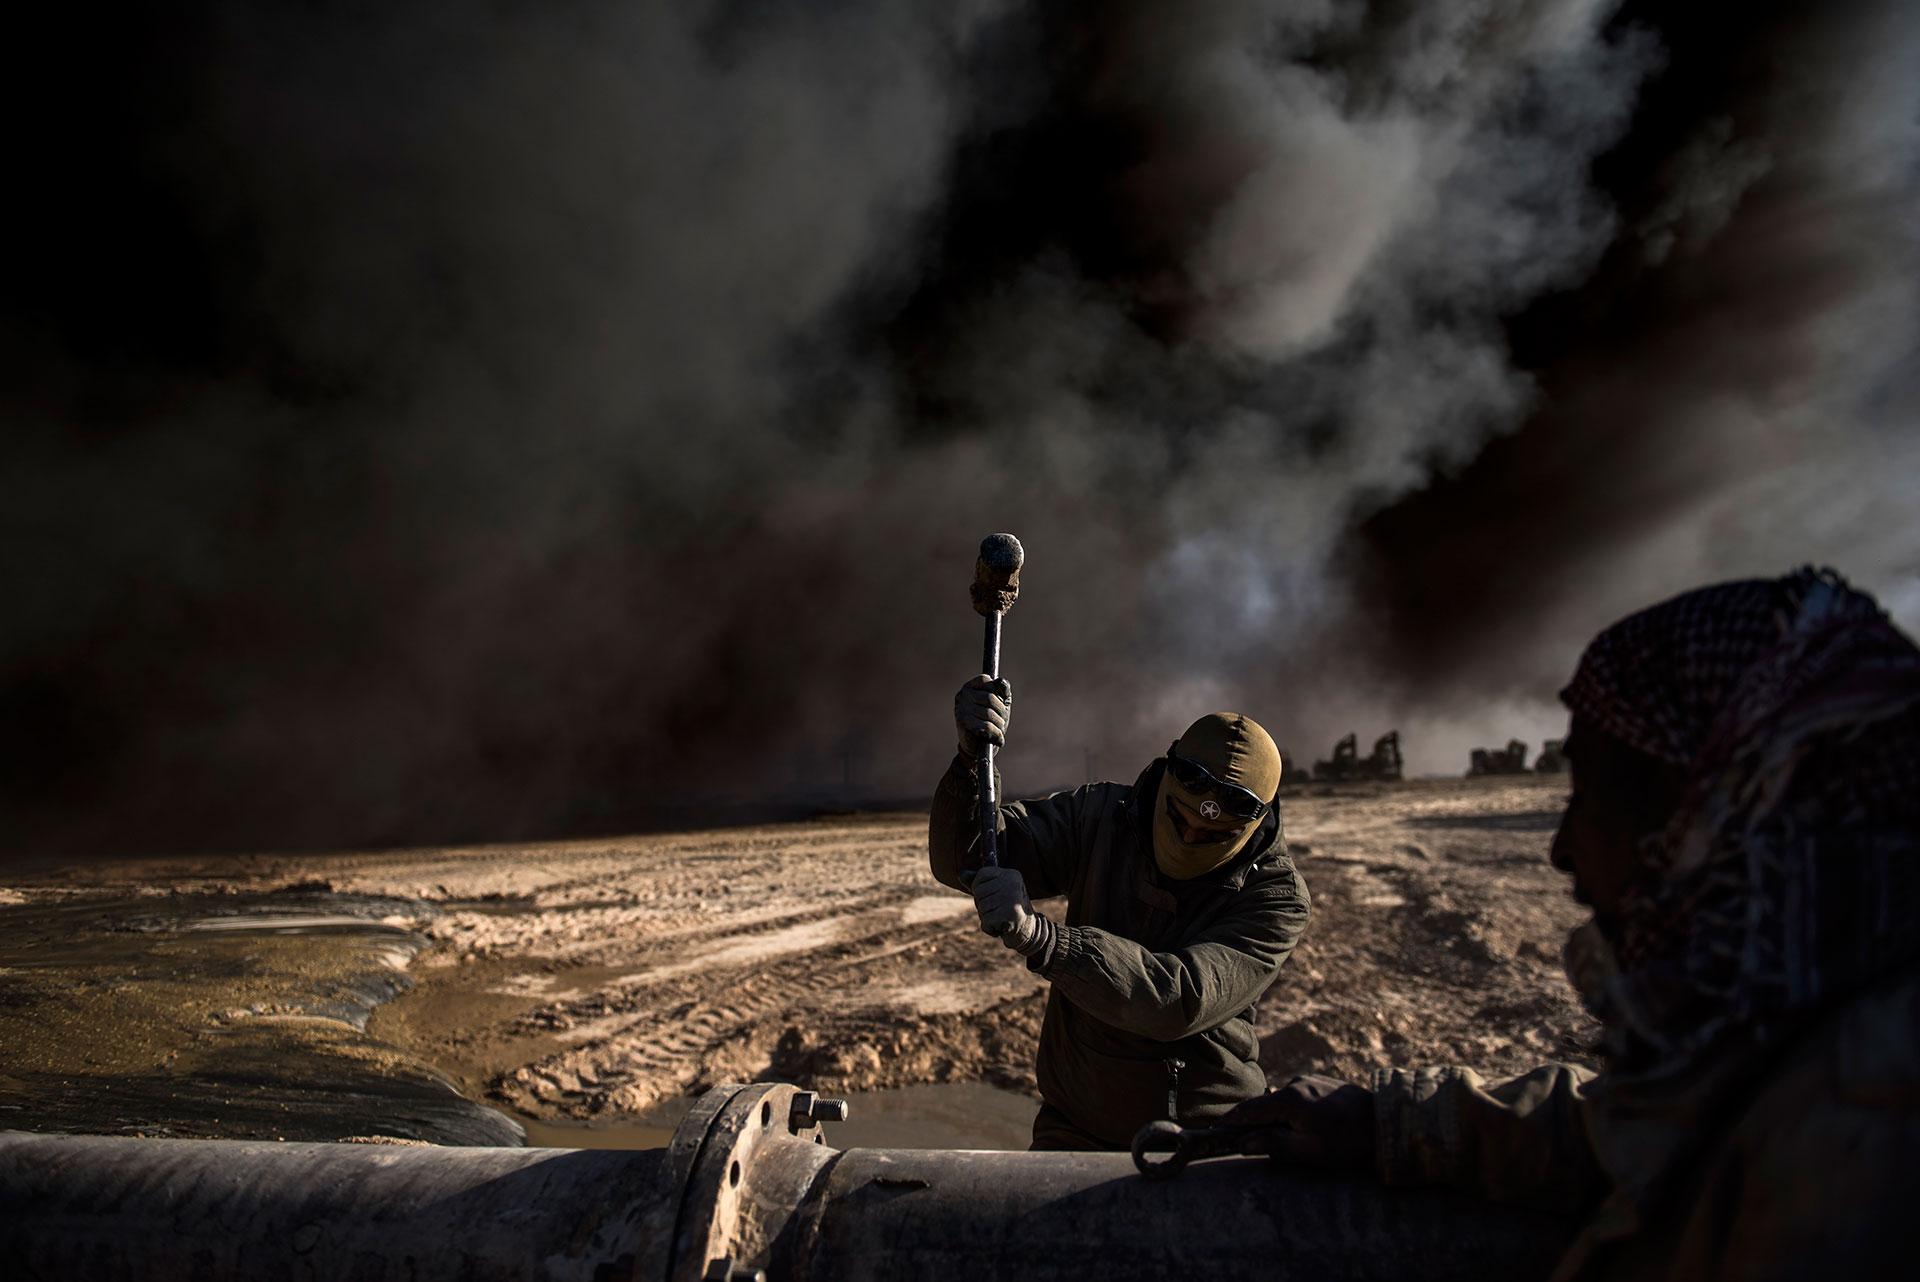 El grupo terrorista ha incendiado numerosos pozos de petroleo en los últimos meses (AFP)